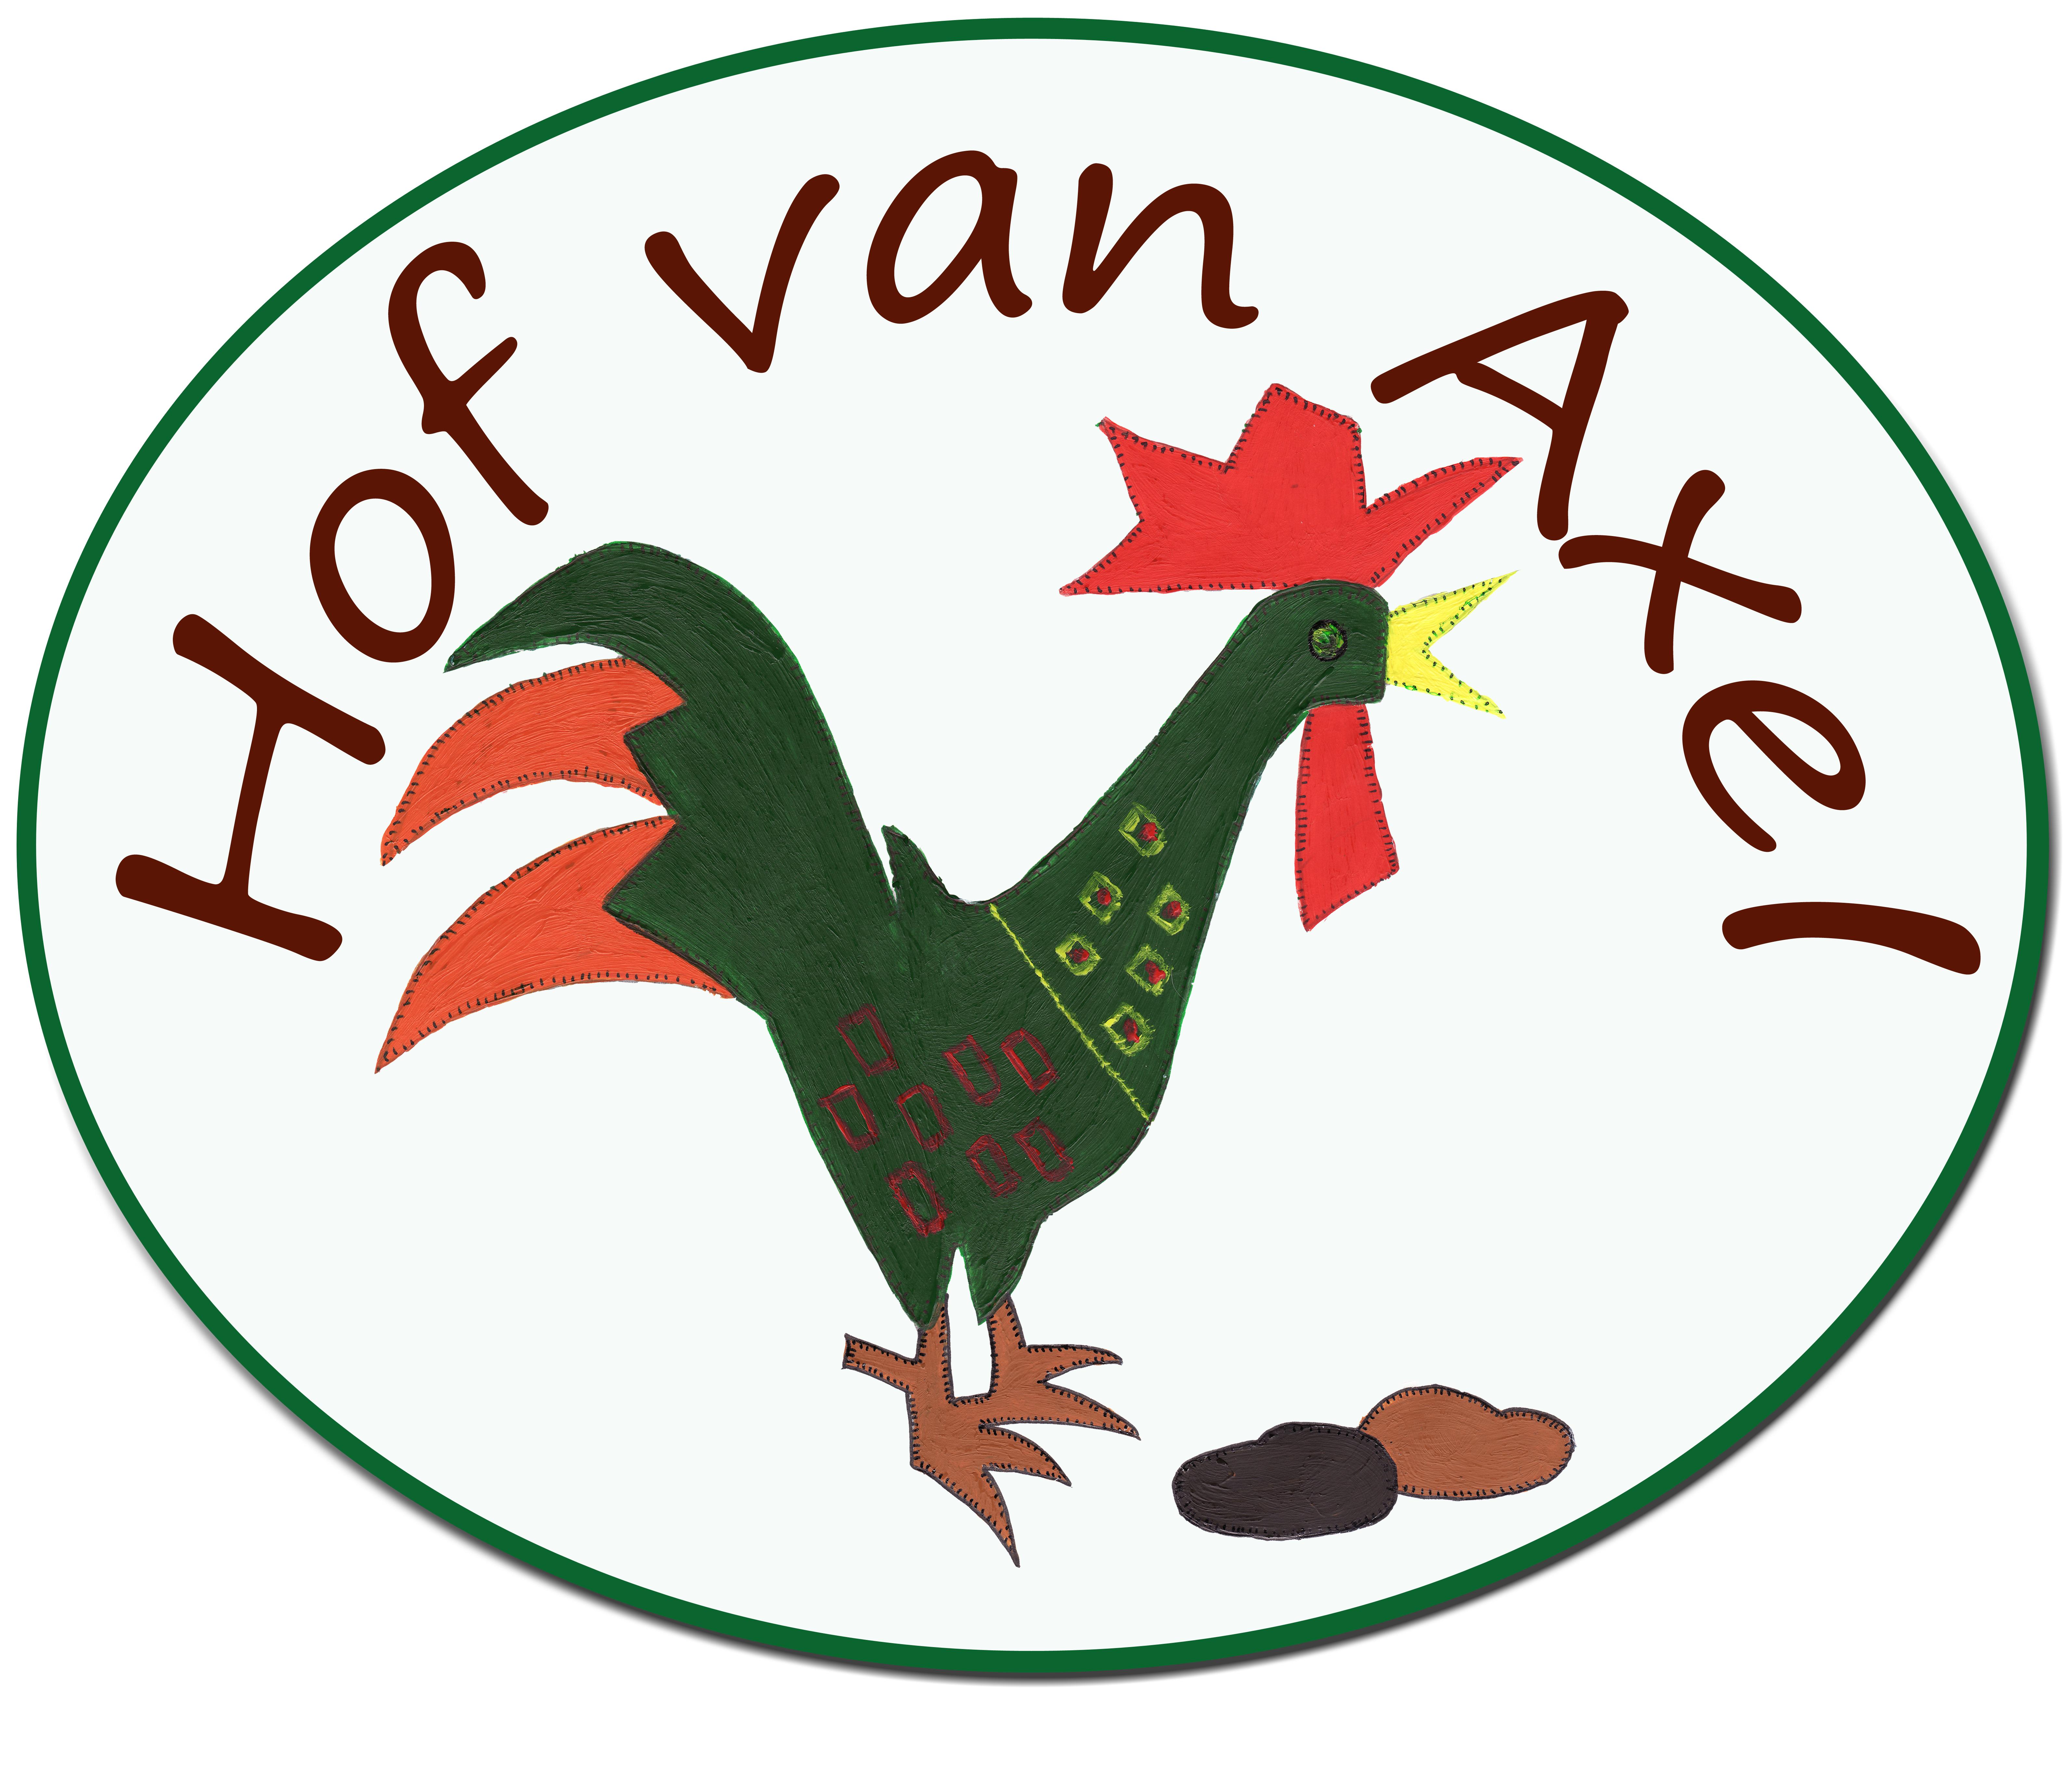 Logo-Hof-Van-Axel-Zorgboerderij-Zorgvraag-Dagbesteding-Ouderen-Volwassenen-Zeeuws-Vlaanderen-Zeeland